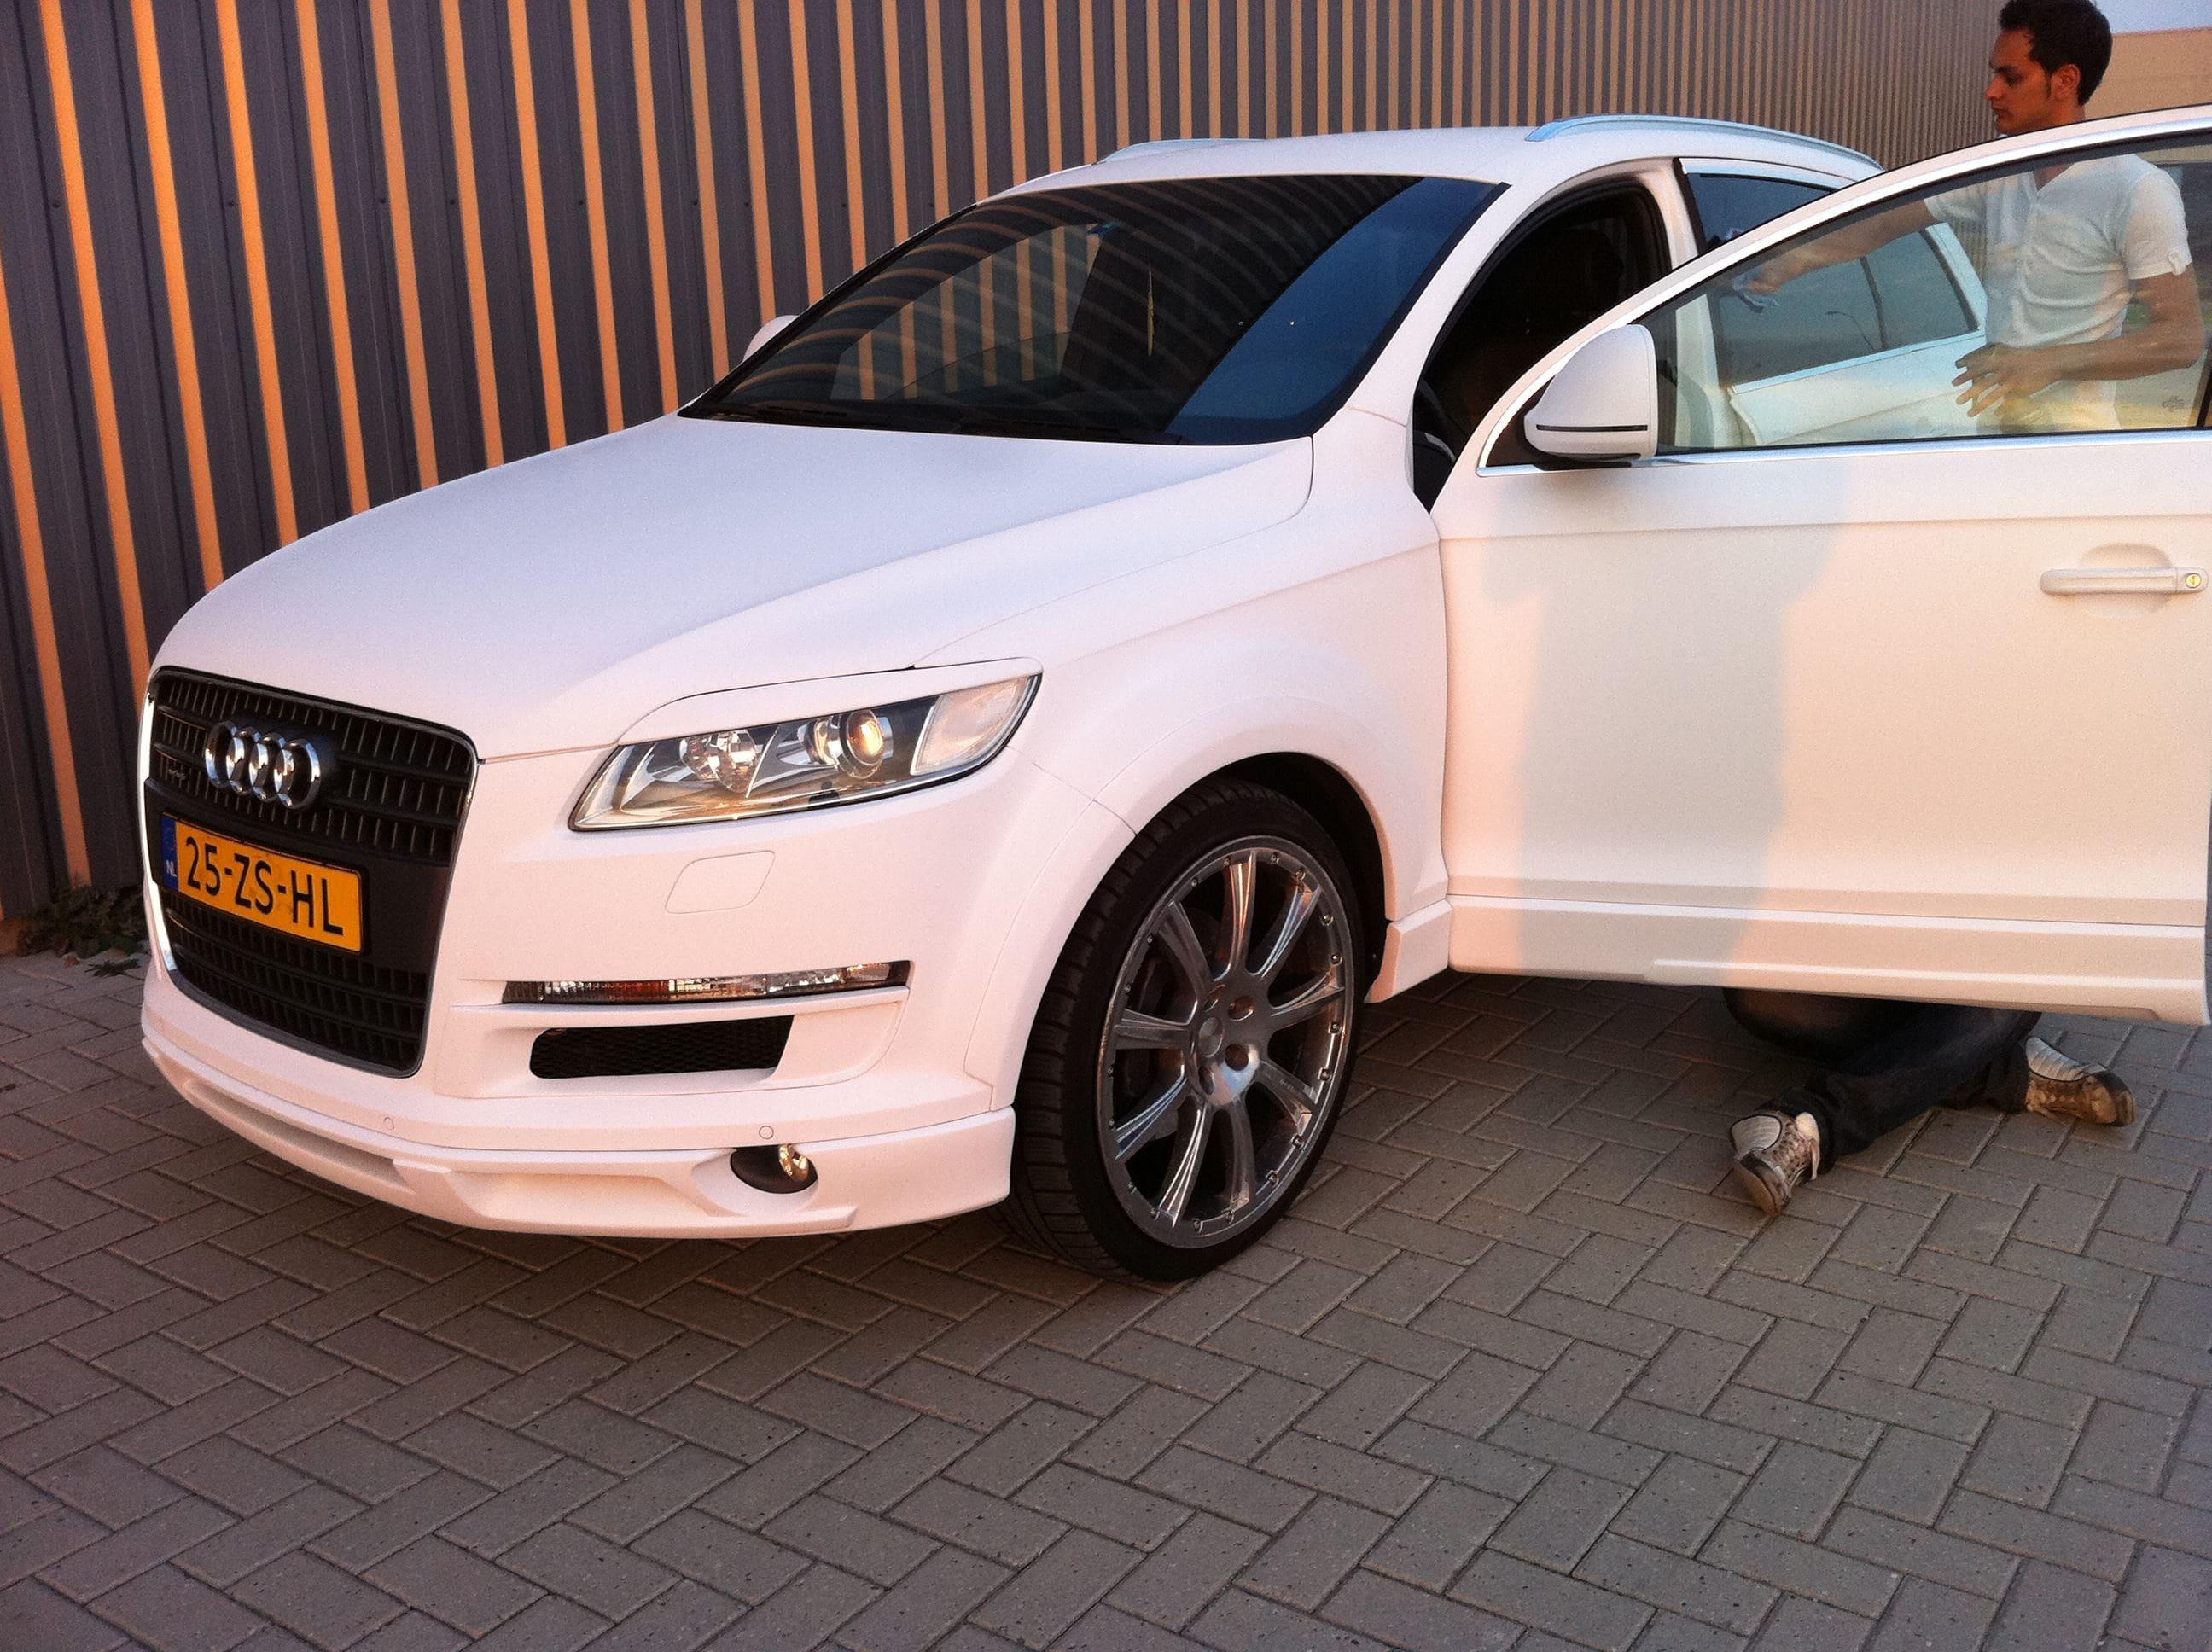 Audi Q7 met Mat Witte Wrap, Carwrapping door Wrapmyride.nu Foto-nr:4916, ©2021